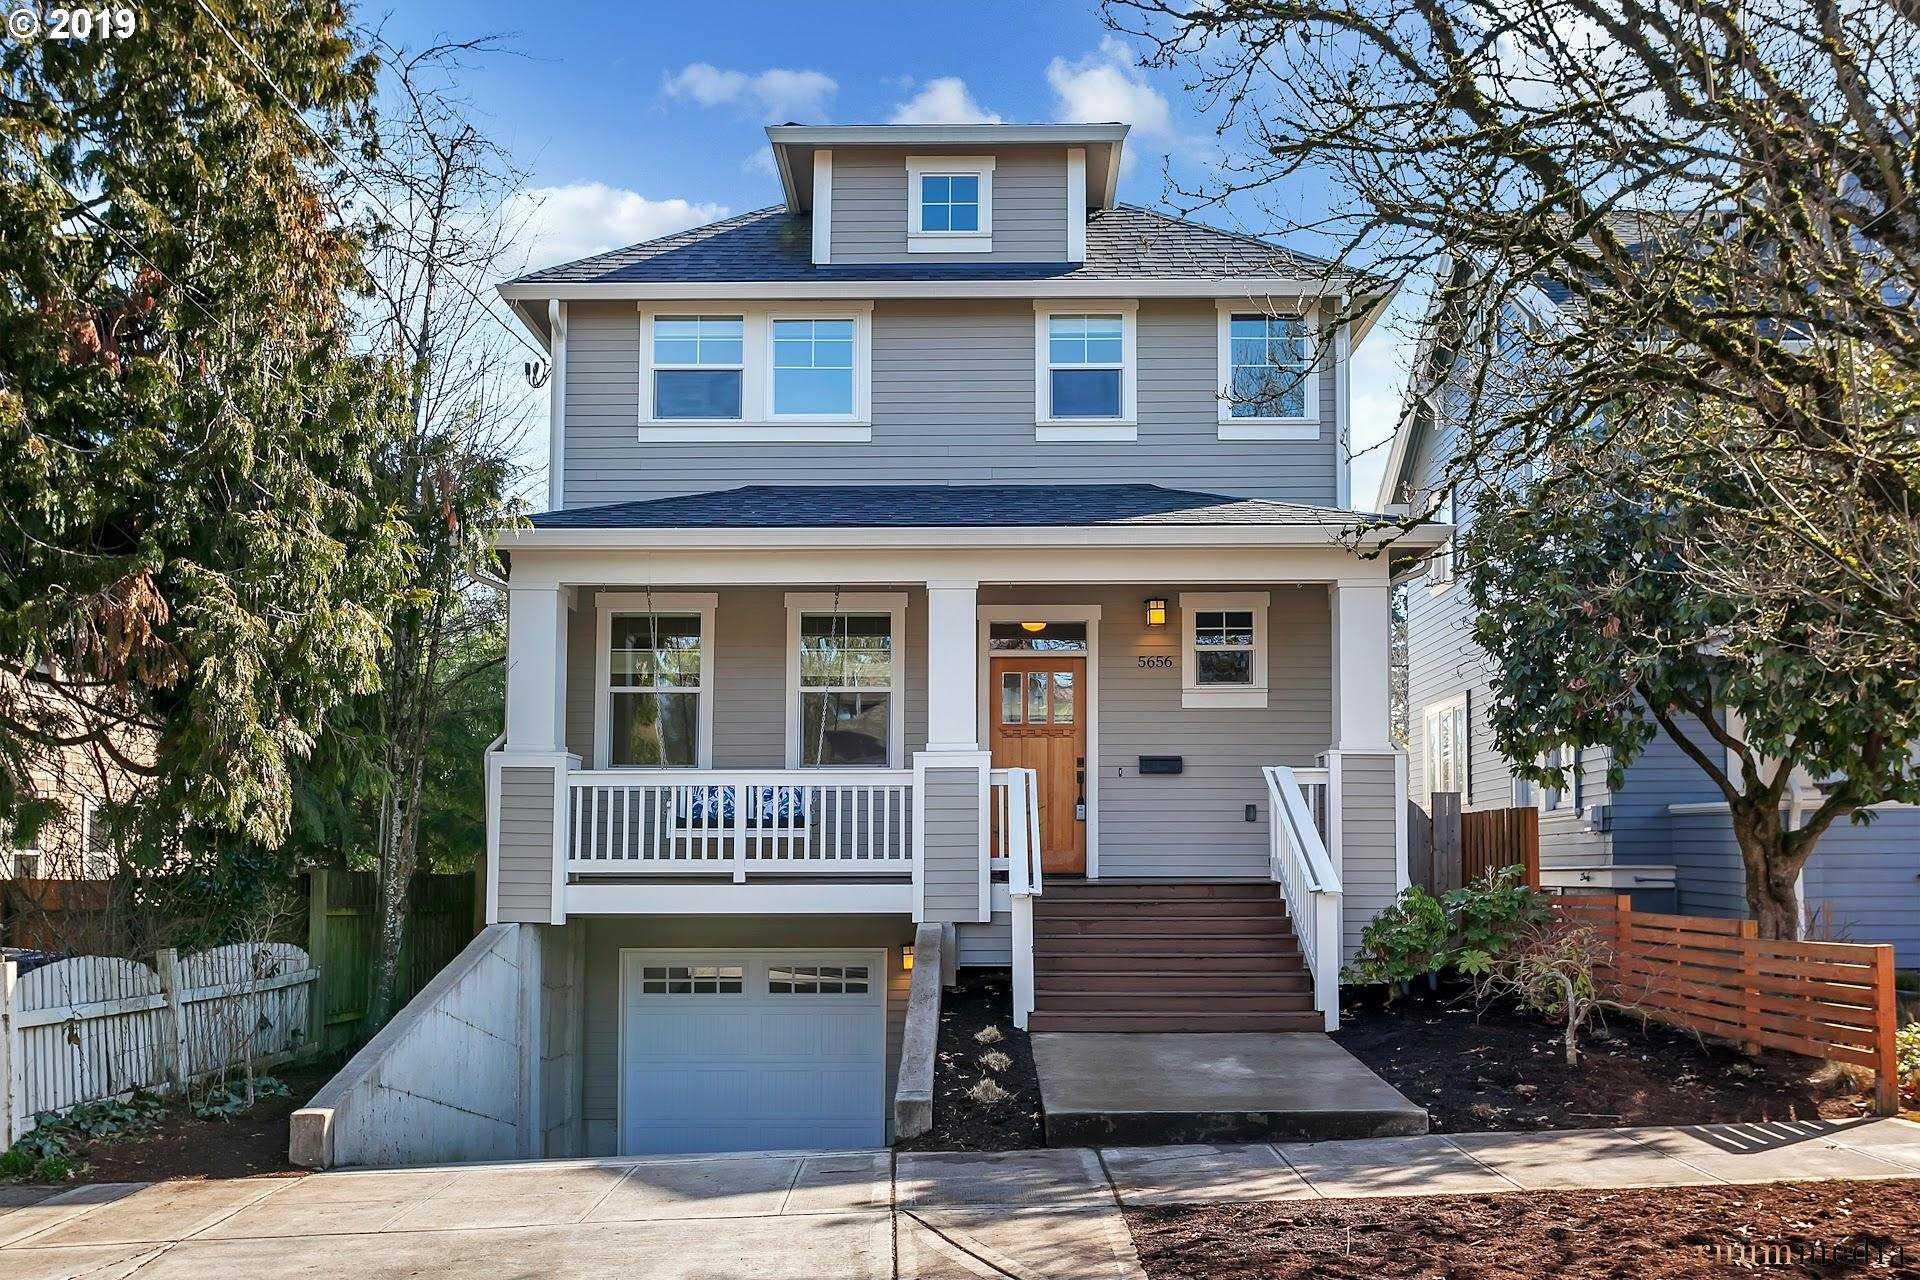 $775,000 - 4Br/3Ba -  for Sale in Concordia, Portland